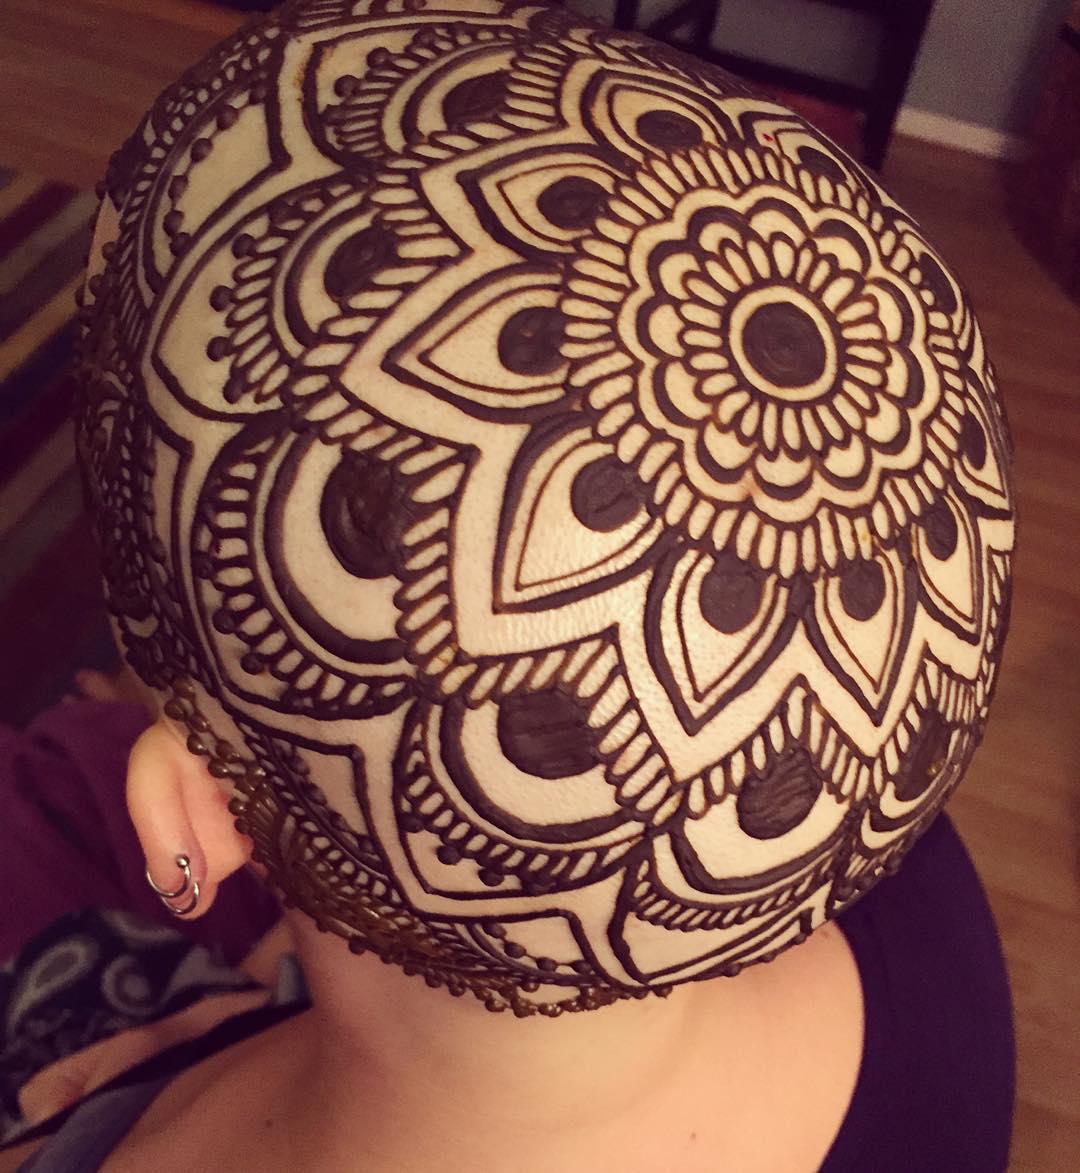 Широкой души человек: мастер бесплатно расписывает хной головы облысевших девушек